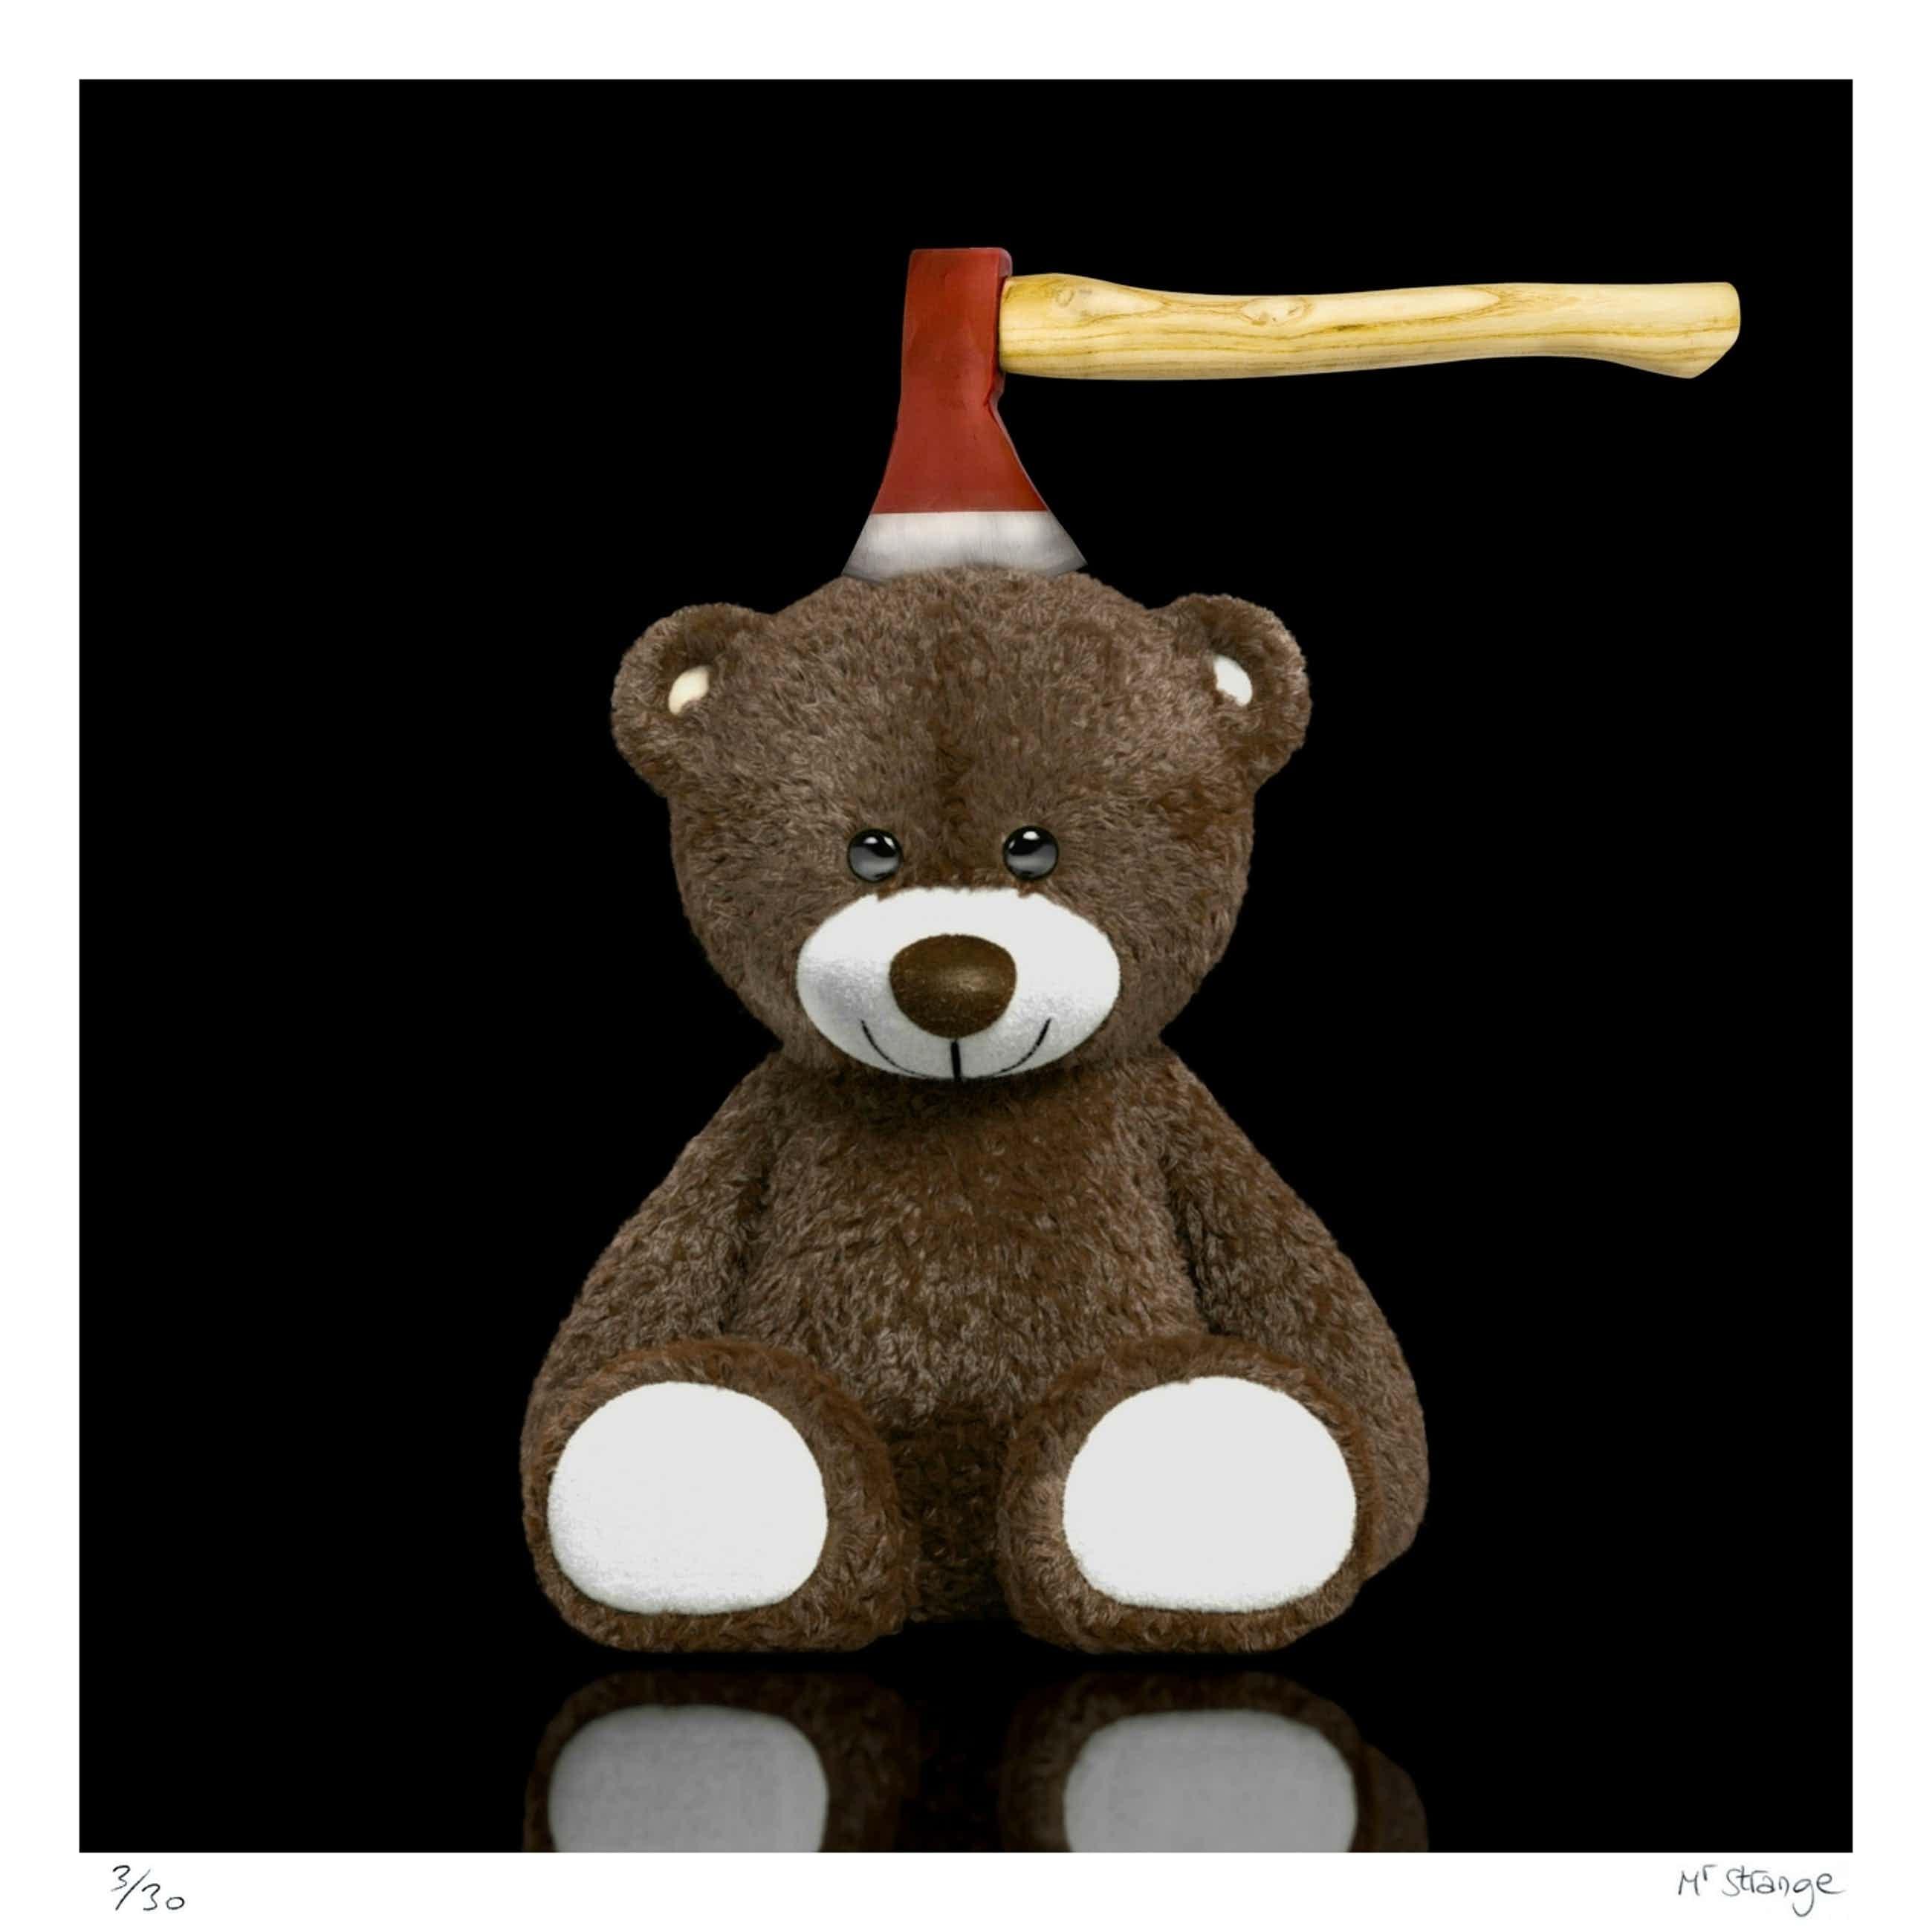 Mr. Strange - Teddy Adventures III kopen? Bied vanaf 50!